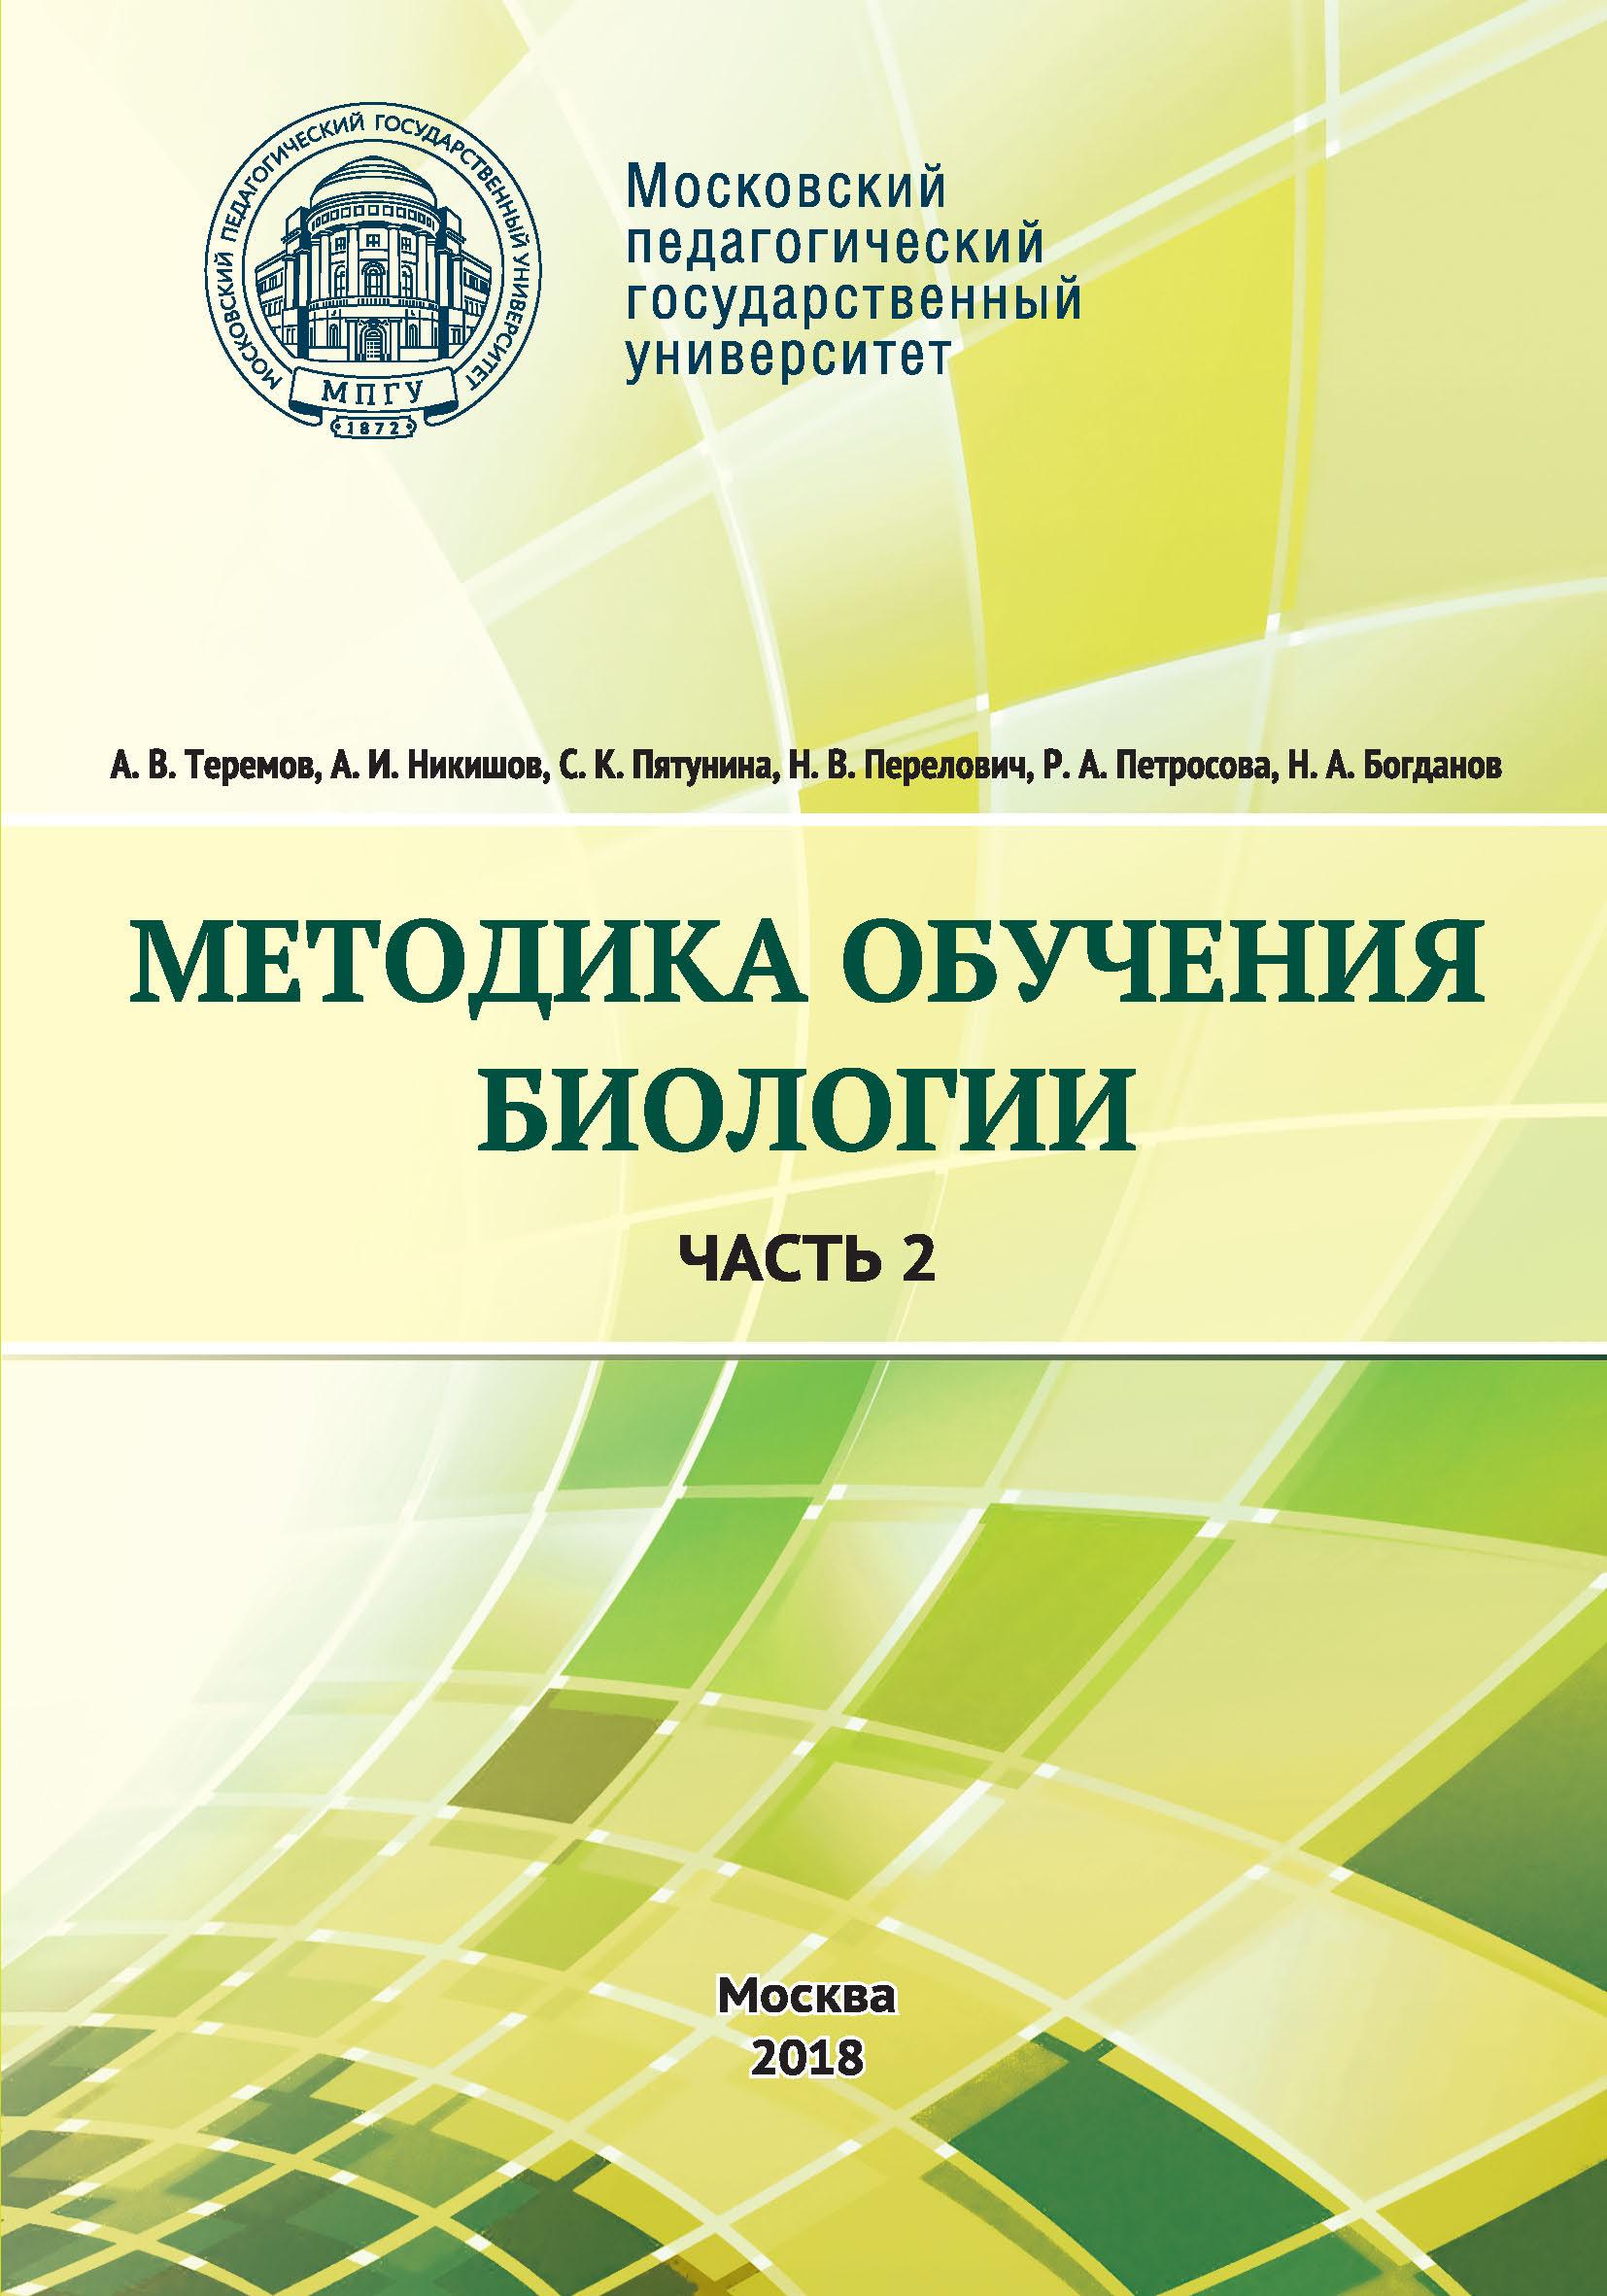 А. В. Теремов Методика обучения биологии. Часть 2. Животные